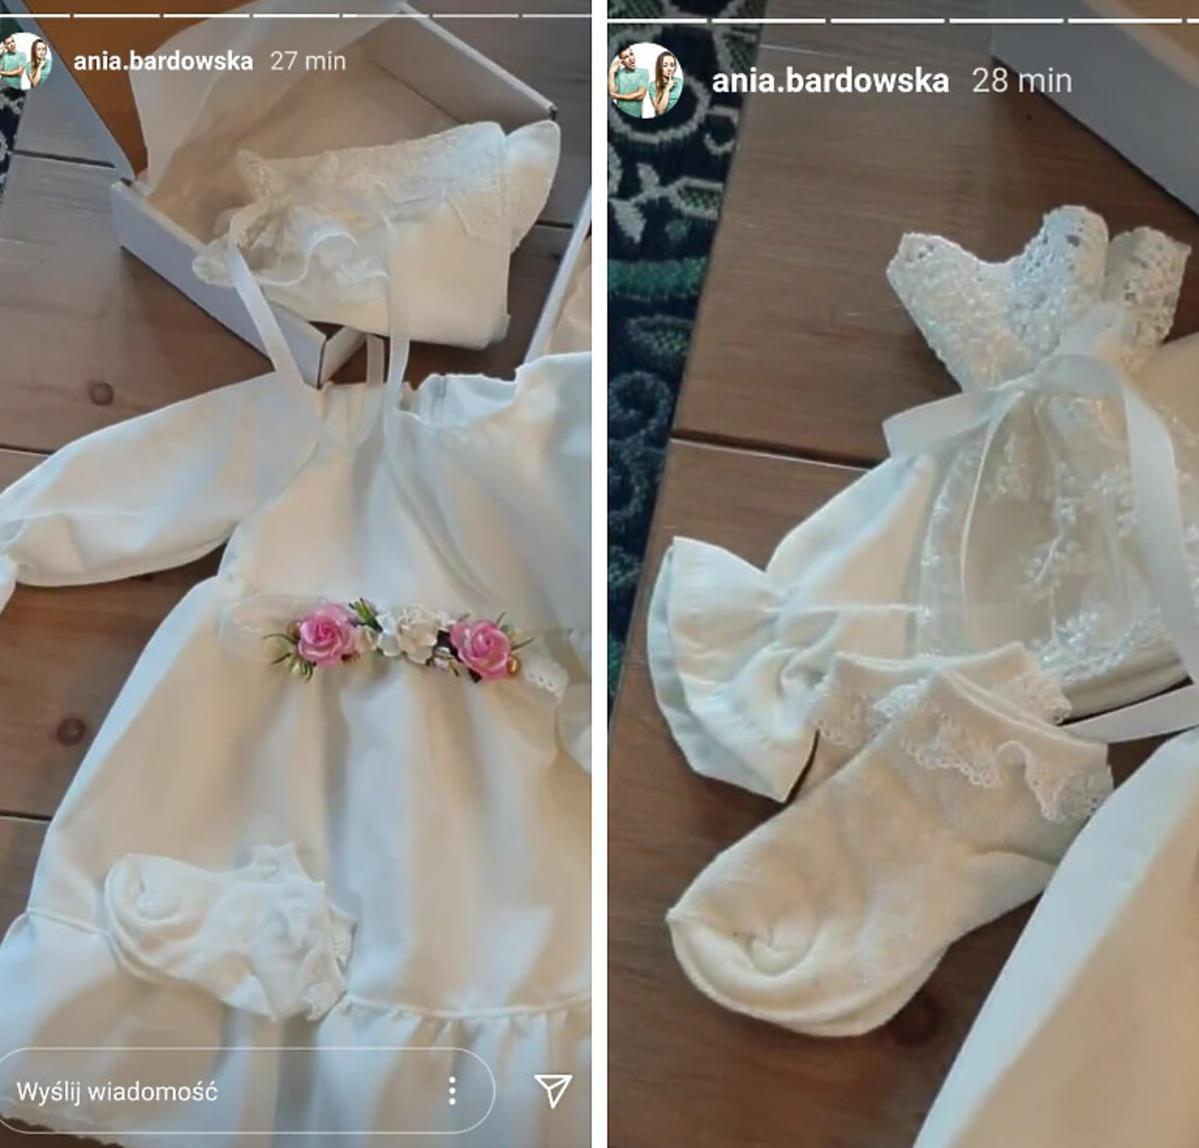 Ania Bardowska pokazała białą sukienkę córki